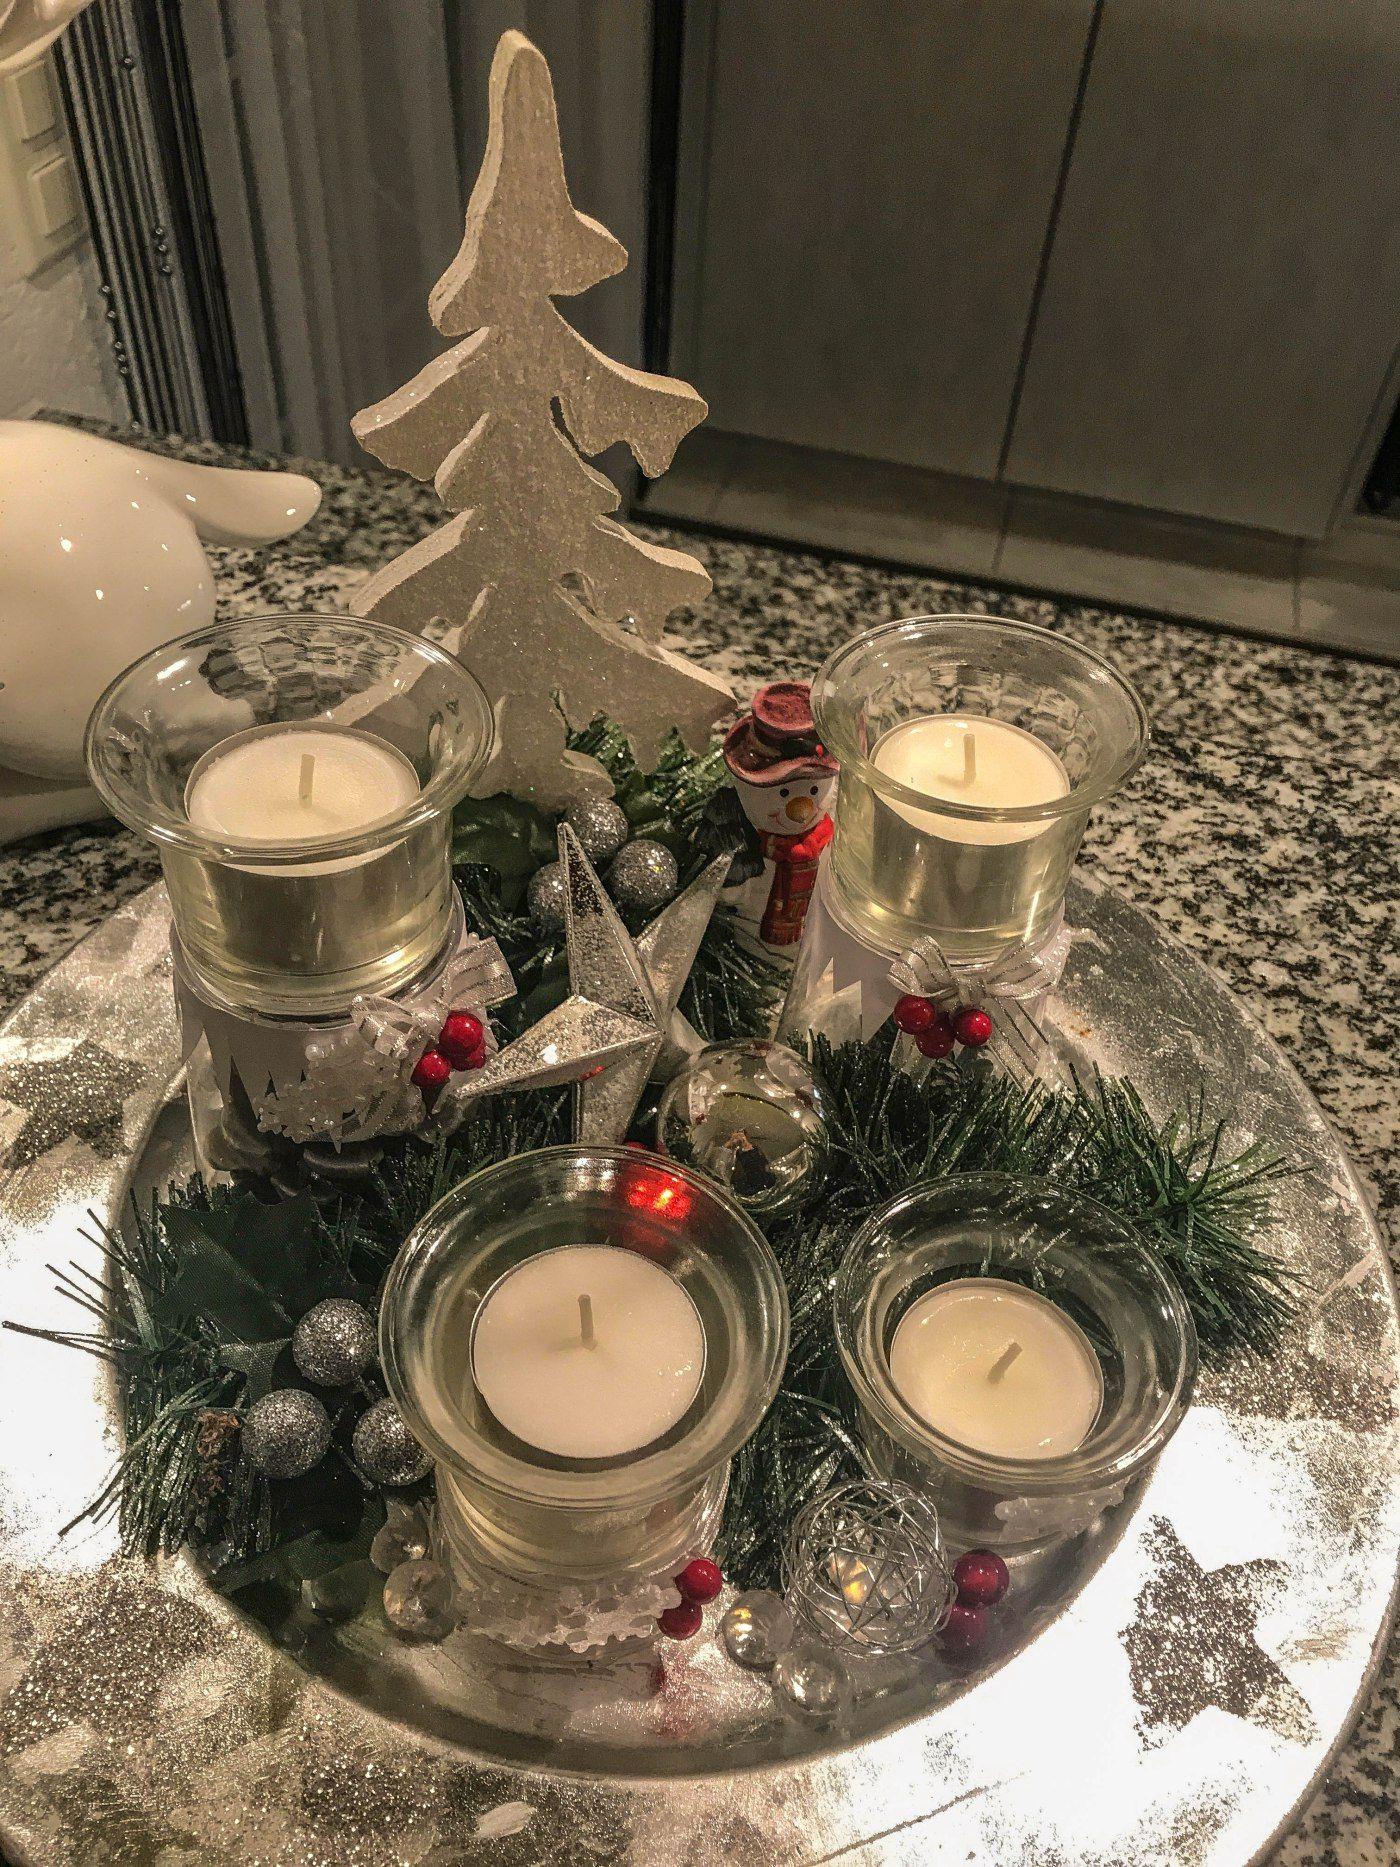 Schön DIY Adventskranz #kerzen#advent#weihnachten#christmas#candles#basteln#craft